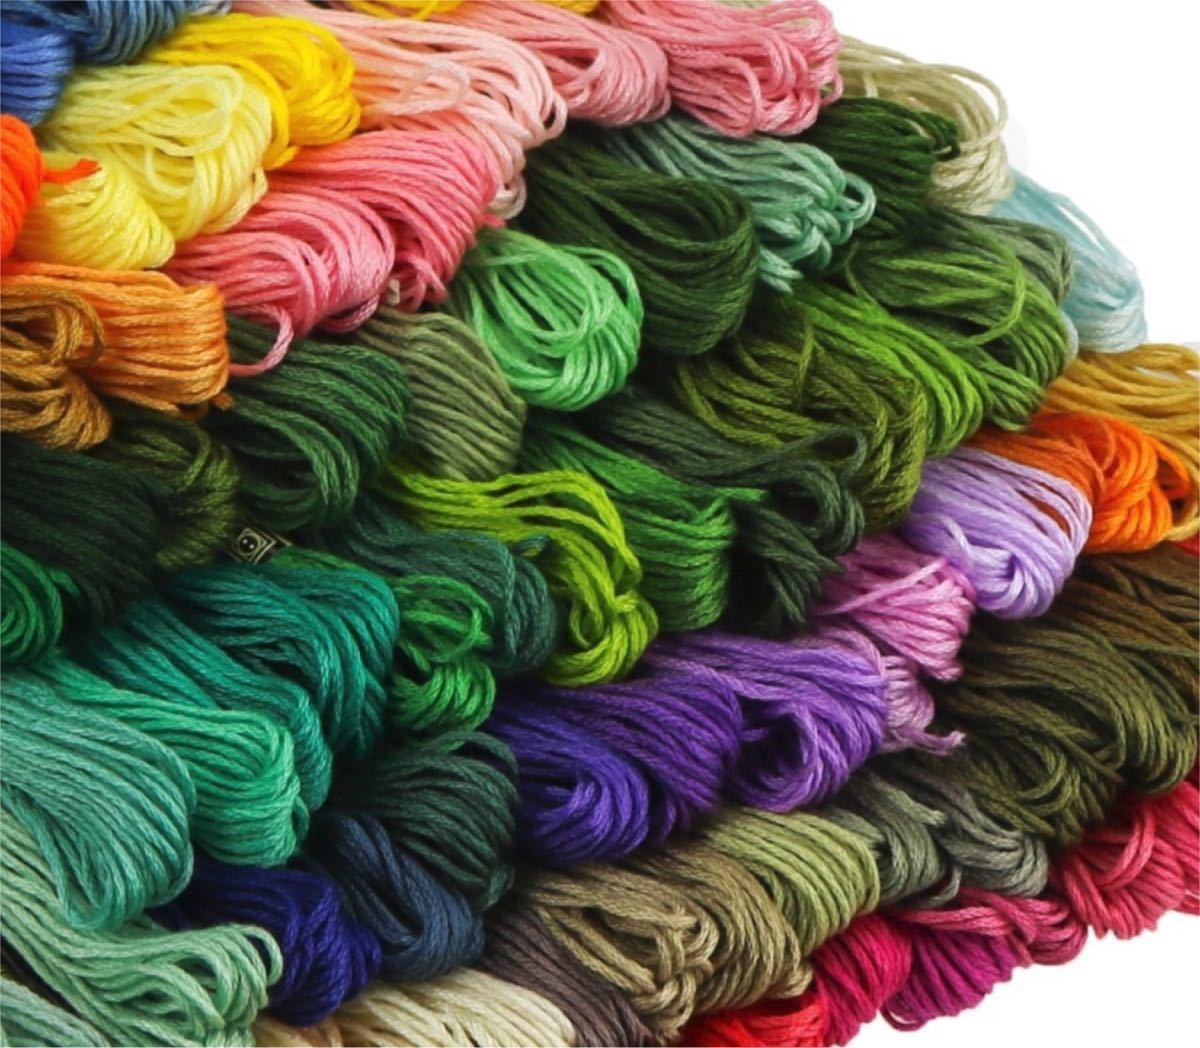 刺繍糸 糸 100色 ししゅう糸 パッチワーク ハンドメイド キット 手芸